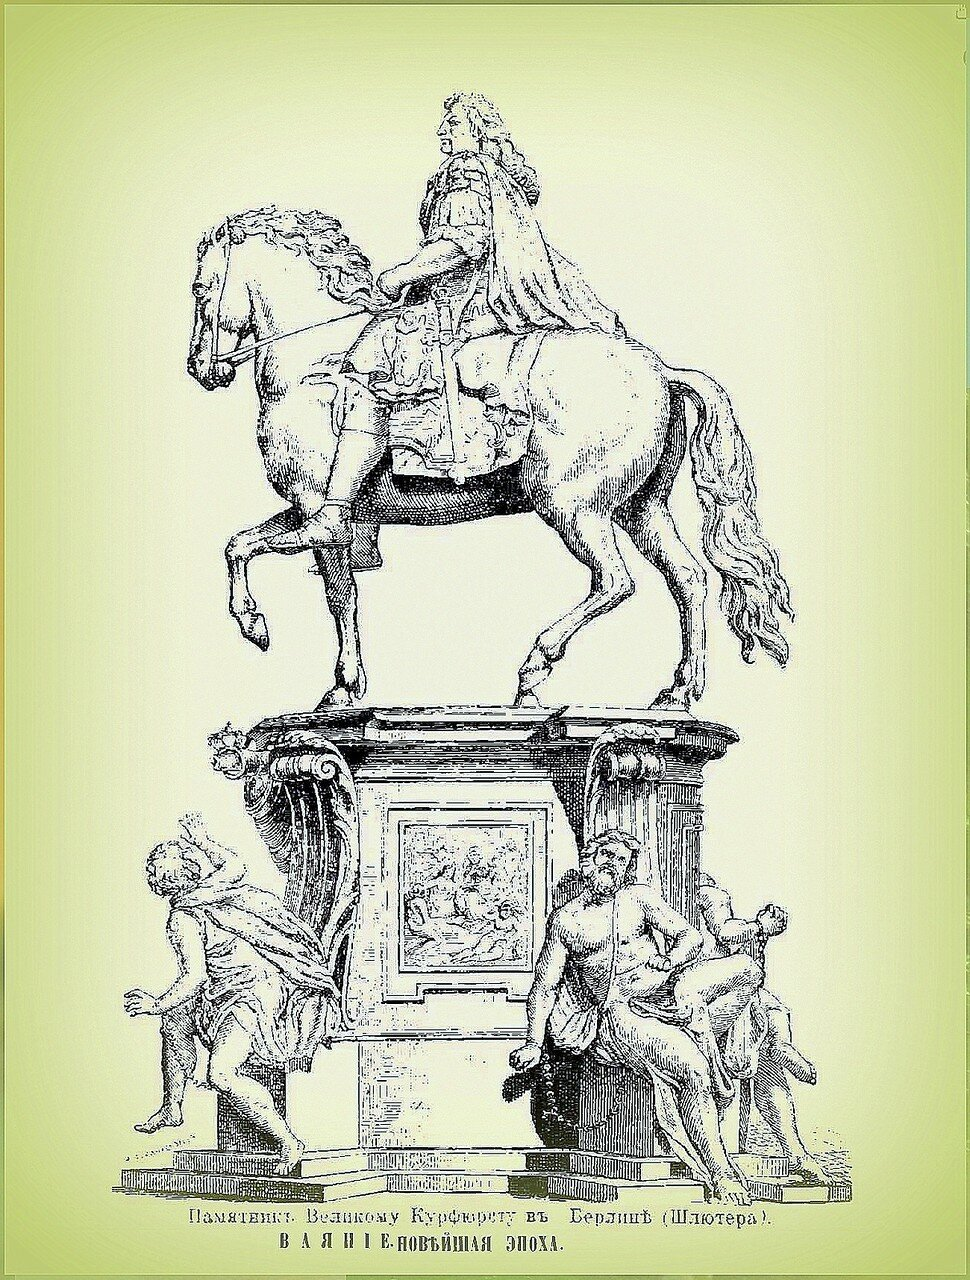 Памятник Великому Курфюрсту в Берлине (Шлютера) Ваяние. Эпоха новейшая. (16 - 19 века) (7).jpg